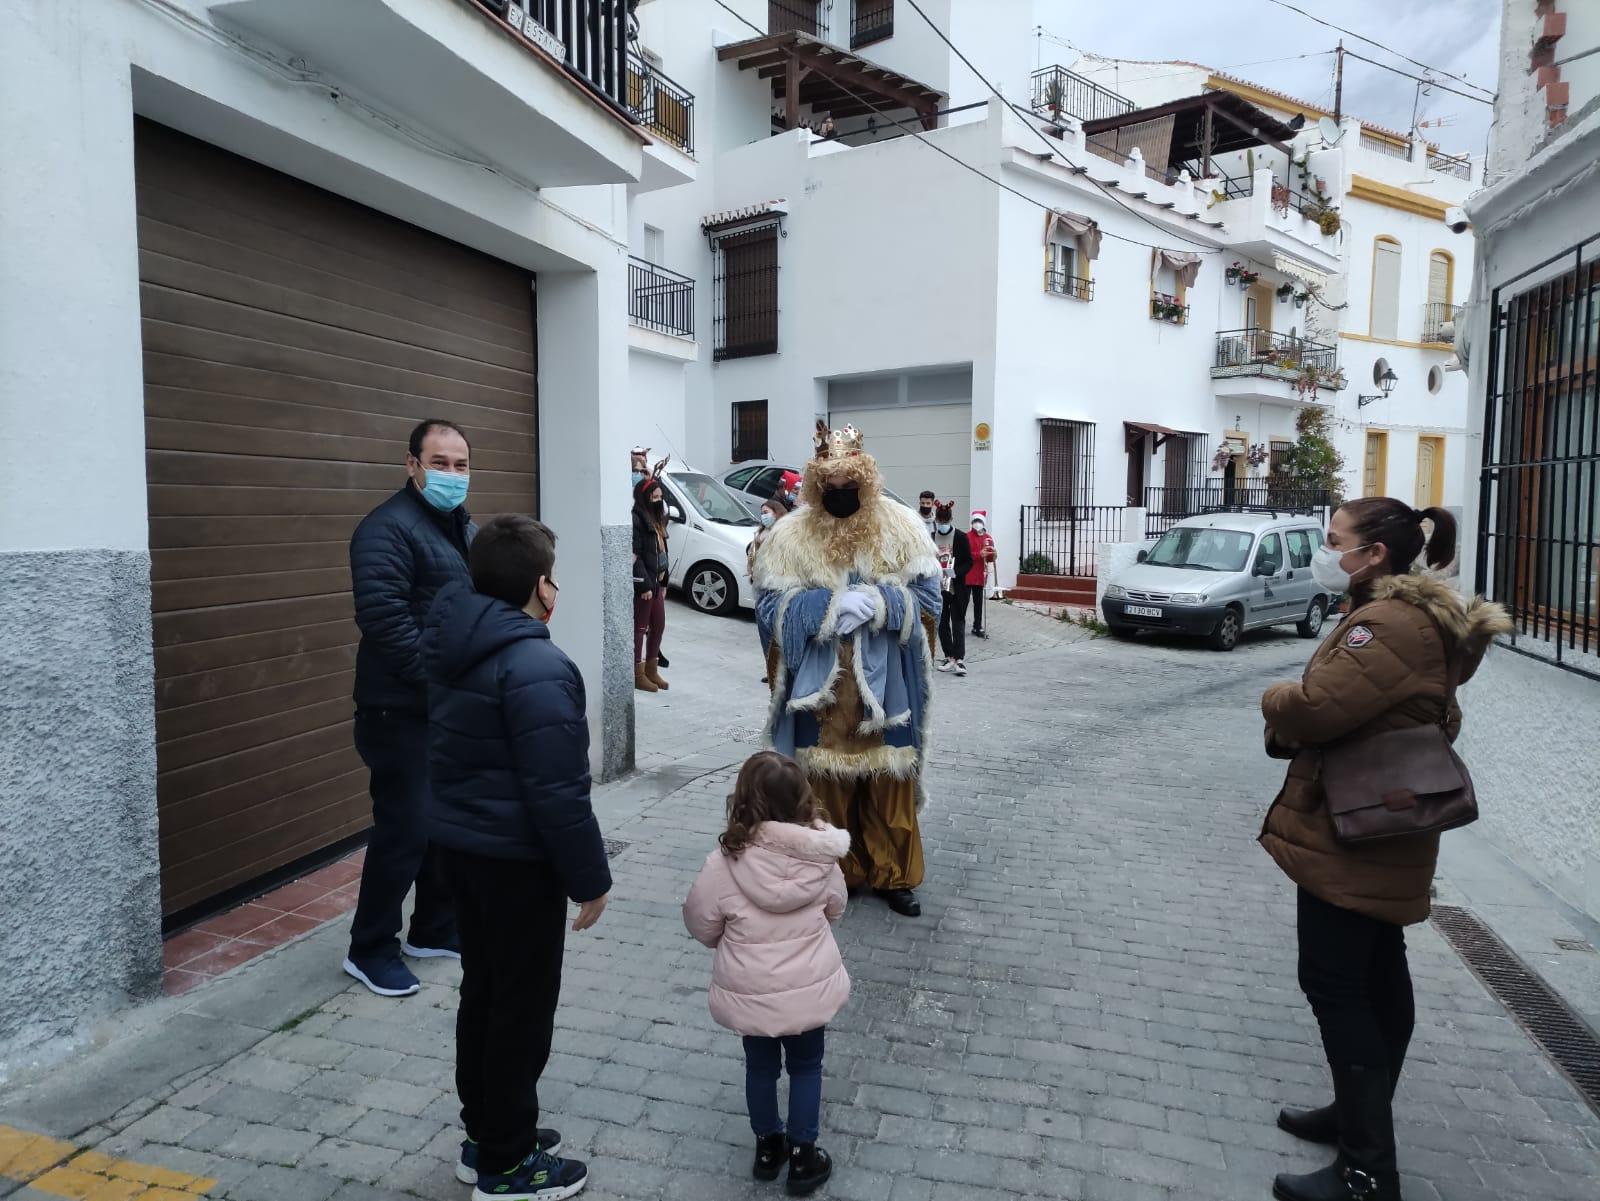 Los Reyes Magos fueron al encuentro de los niños de Salobreña paseando por sus calles.